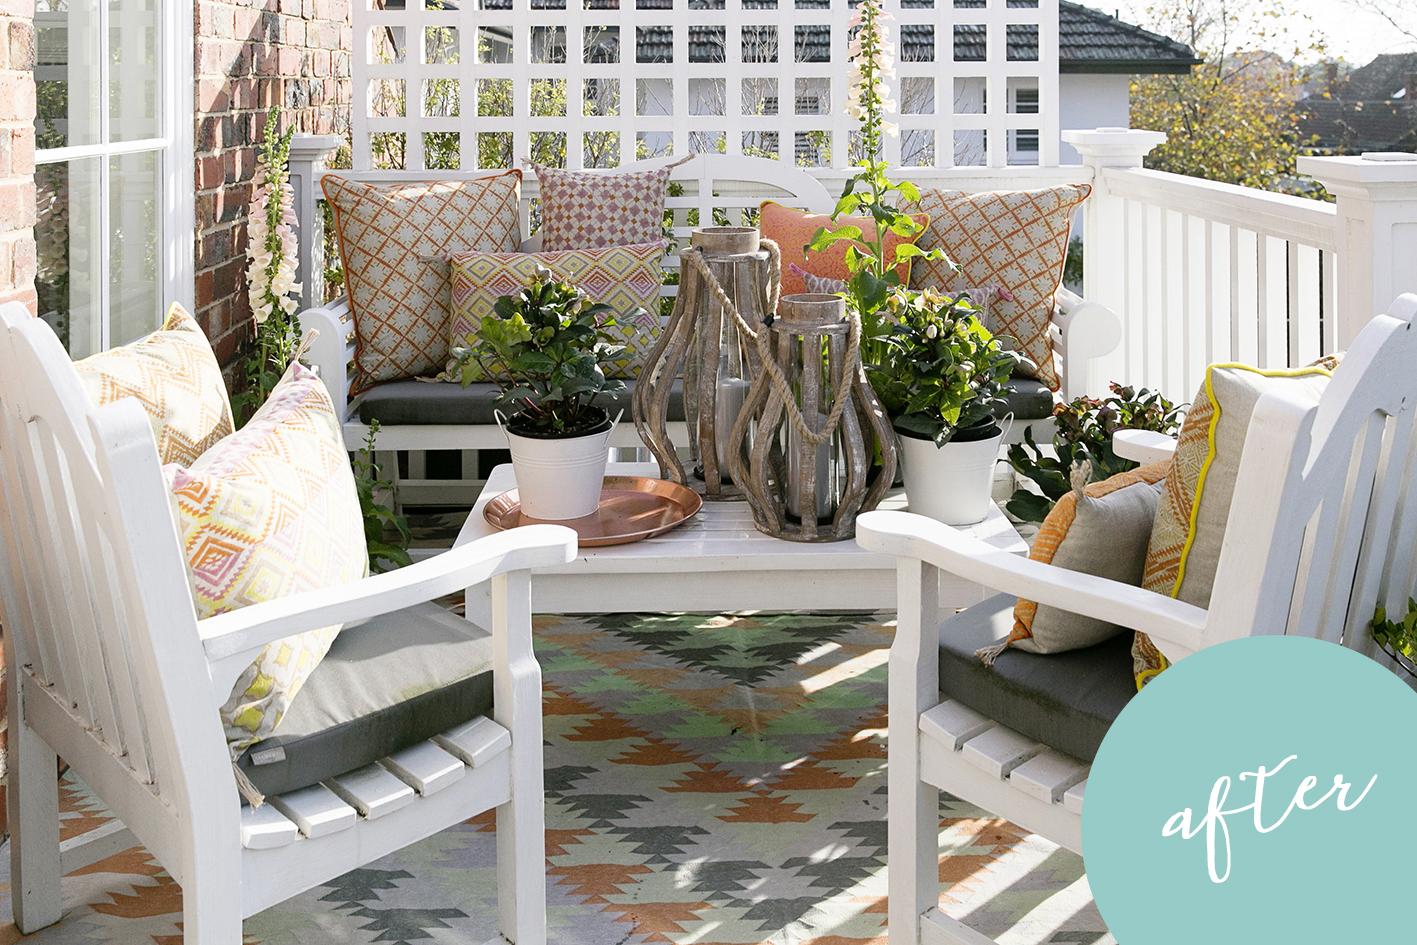 Balcony+Makeover+018+copy.jpg